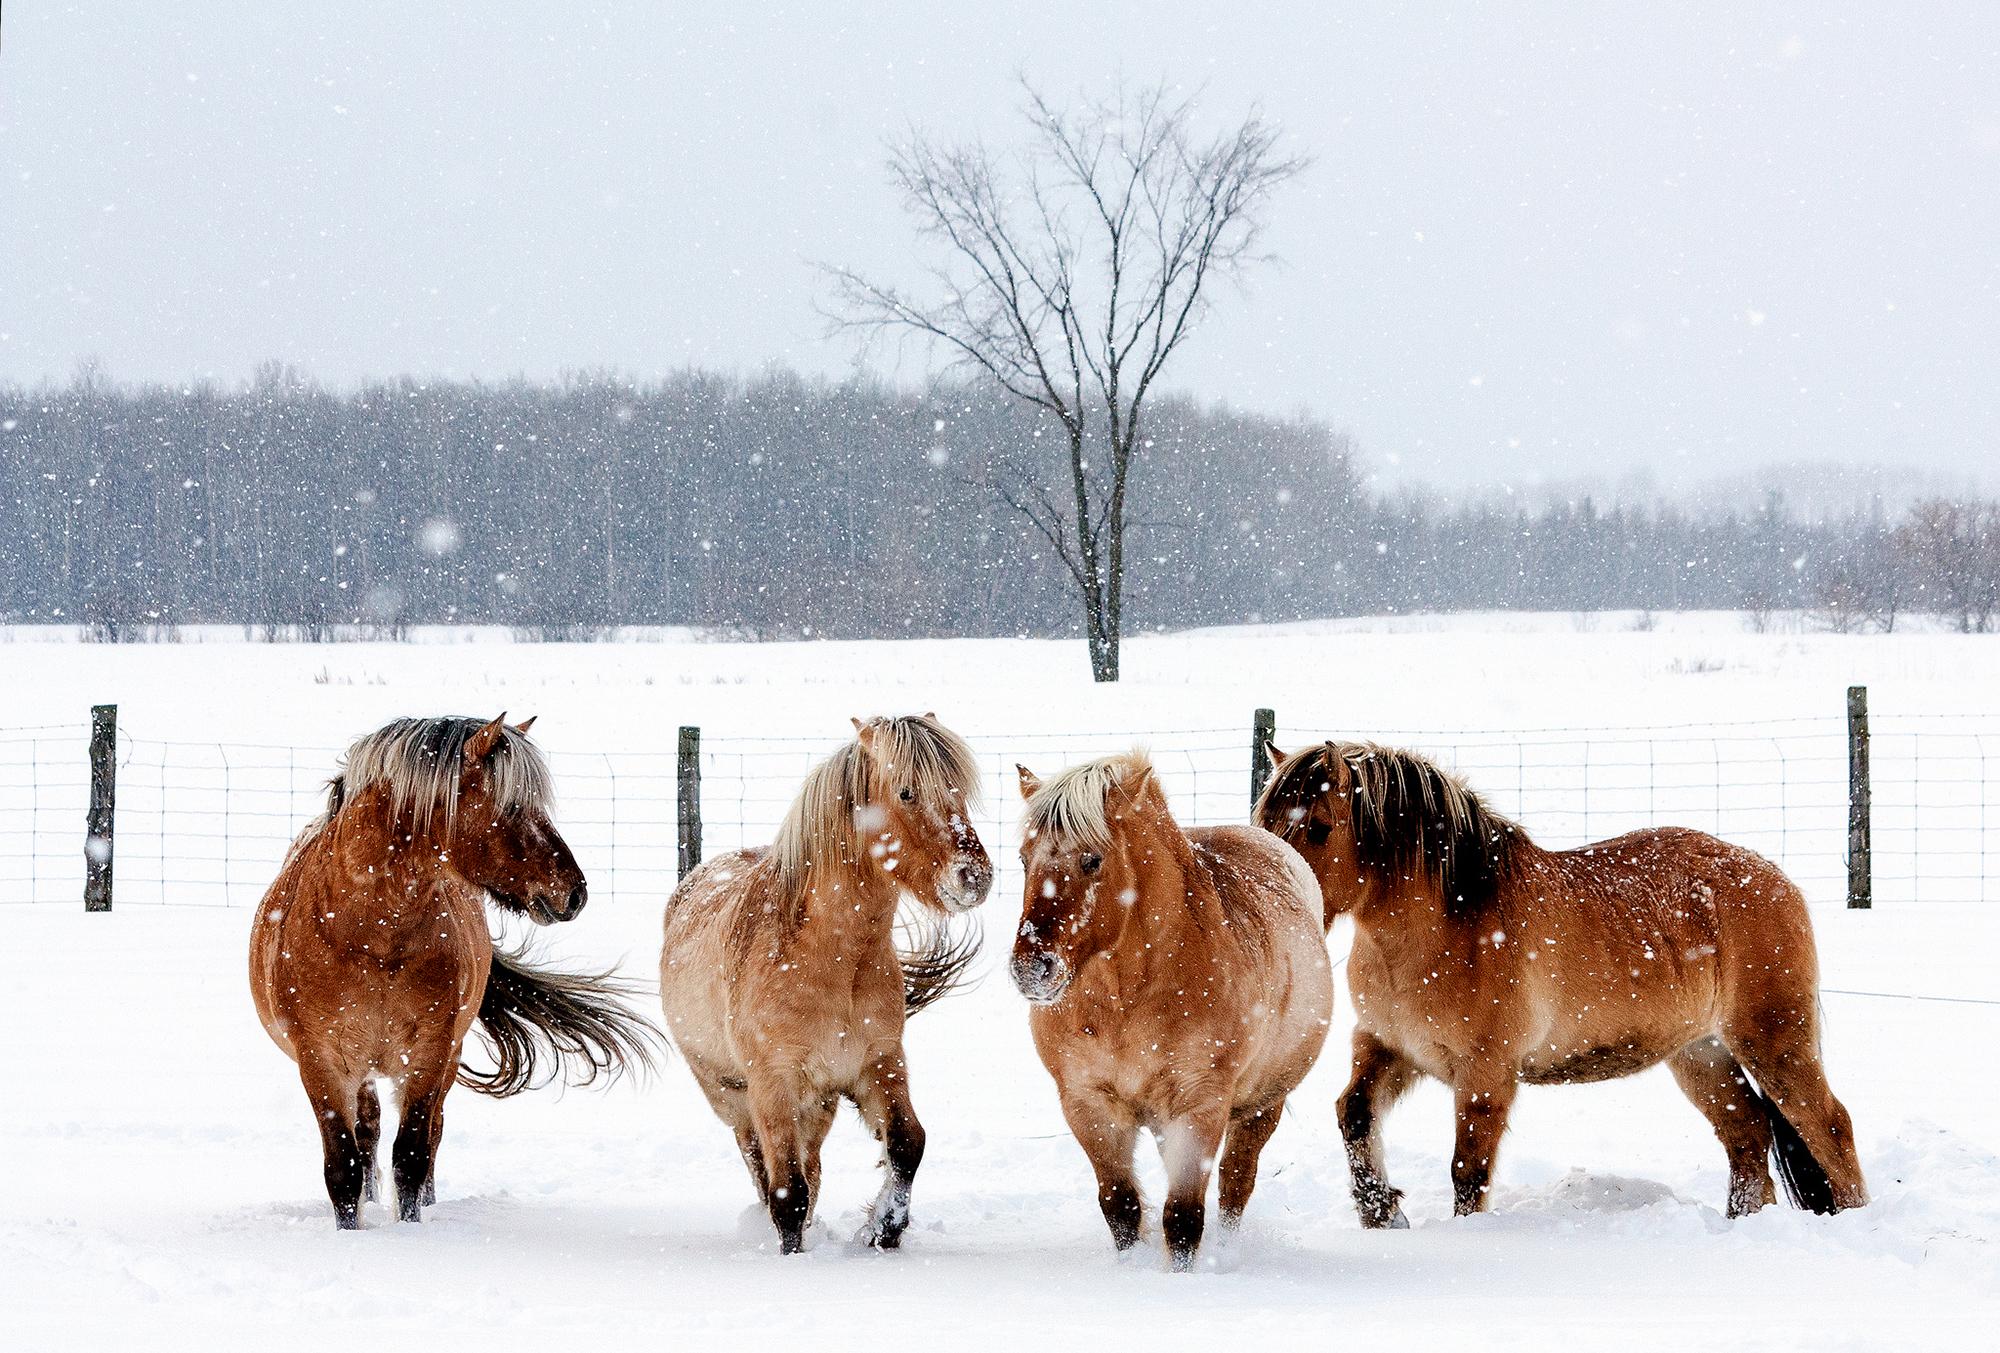 обои для рабочего стола зимние лошади № 465237 бесплатно